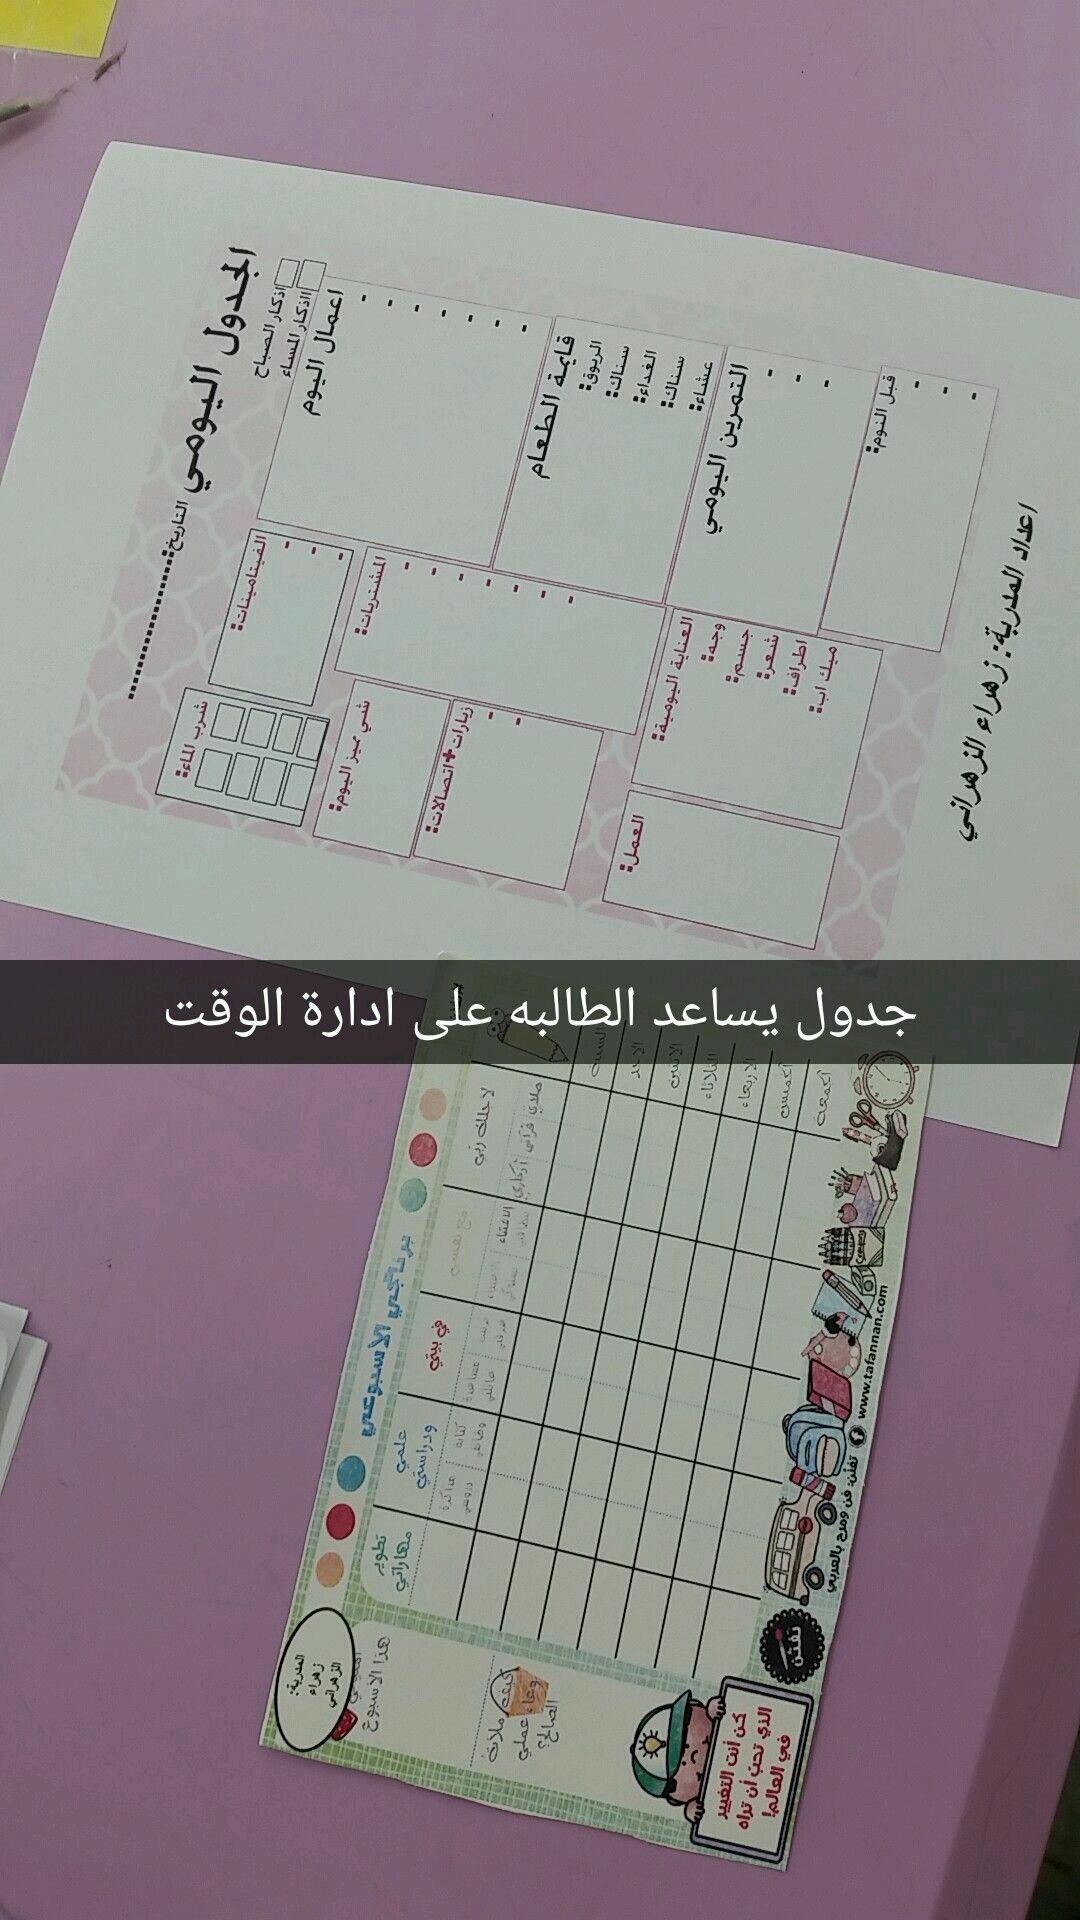 مجموعة تدريب المهارات ( الصفوف الأولية طالبات )